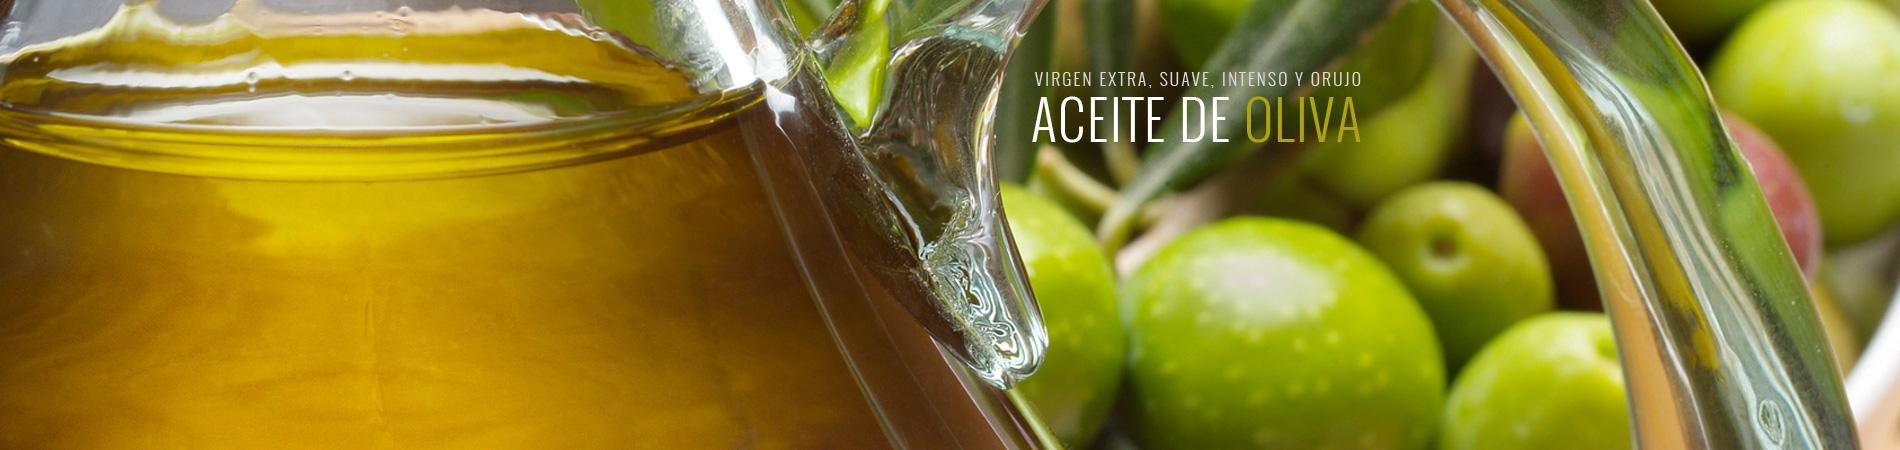 Aceite de oliva virgen extra, virgen, suave, intenso y de orujo